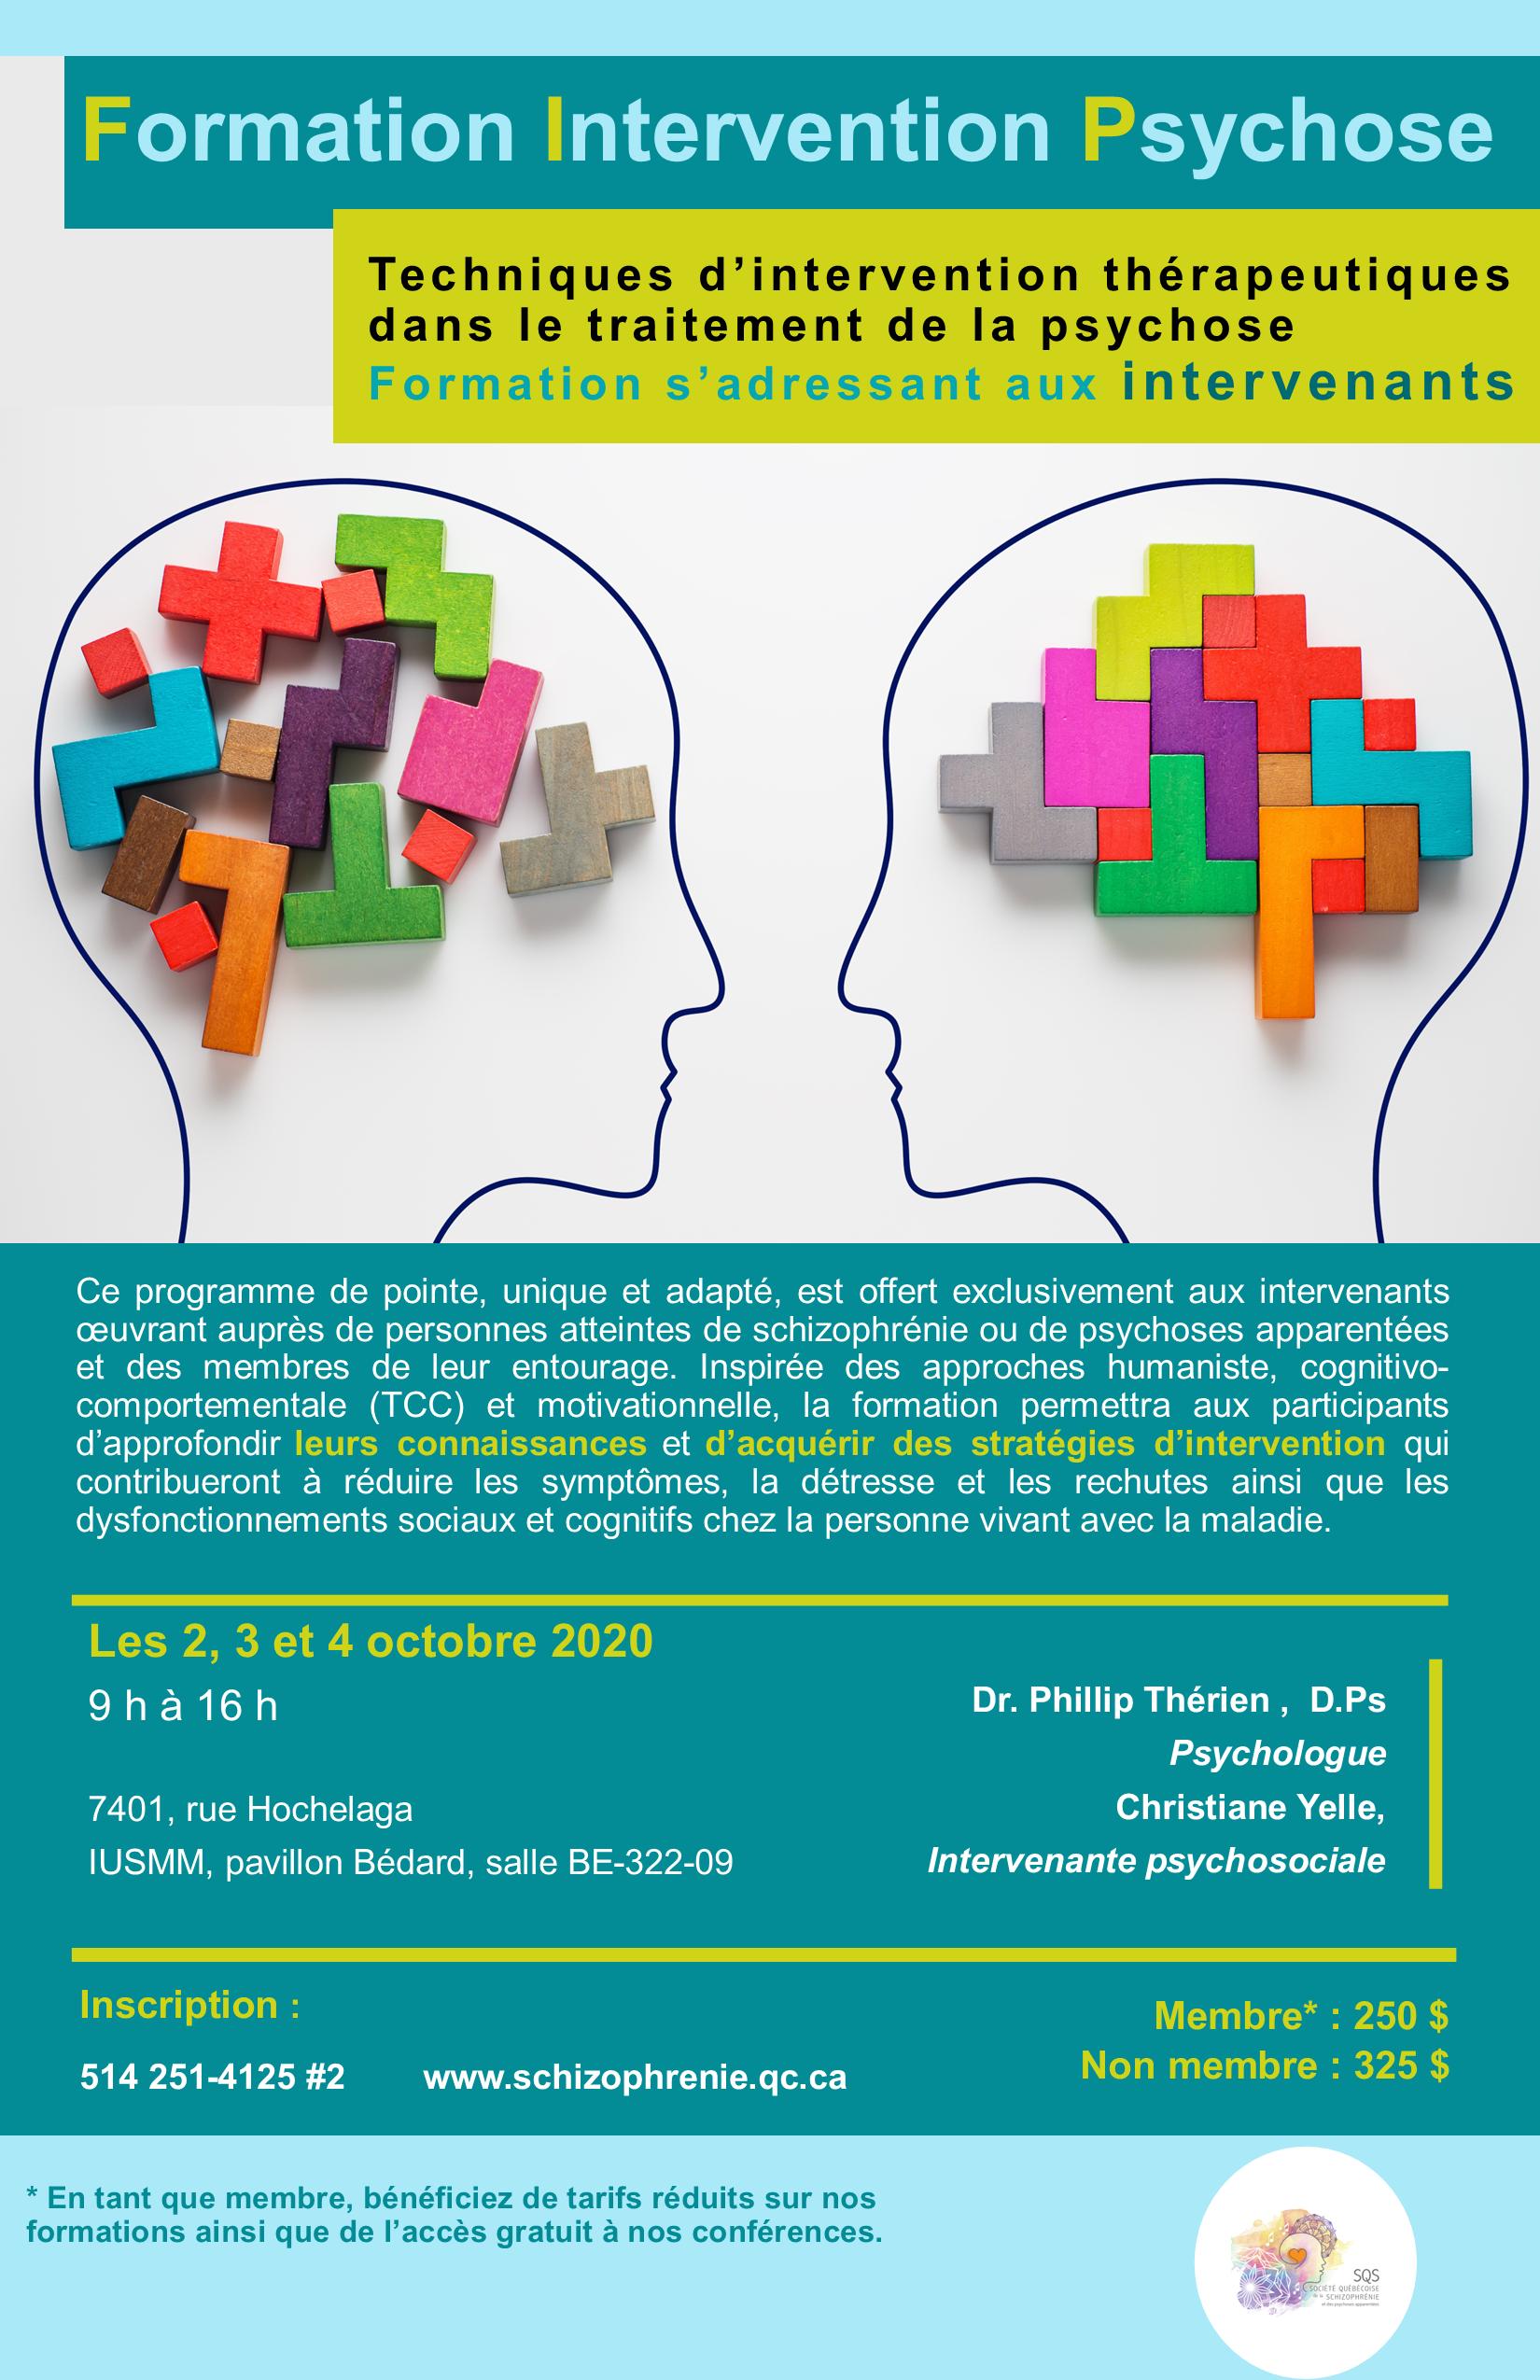 [COMPLET] Formation Intervention Psychose  - Techniques d'intervention thérapeutiques dans le traitement de la psychose